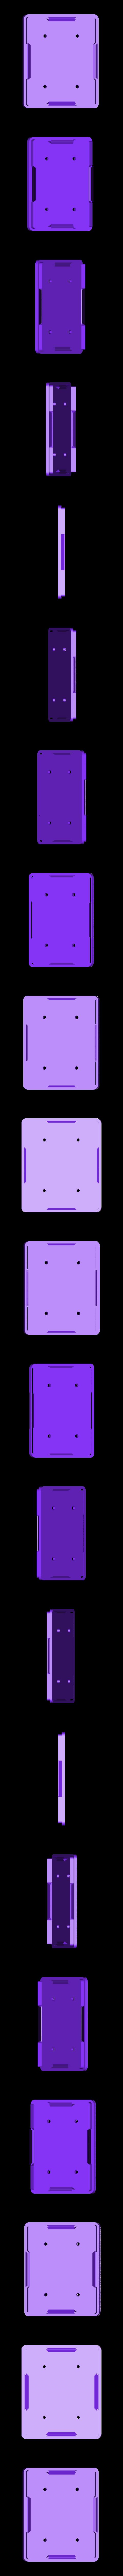 slider-case-cover-battery.stl Télécharger fichier STL gratuit Slider de caméra motorisé MK3 • Modèle pour impression 3D, Adafruit